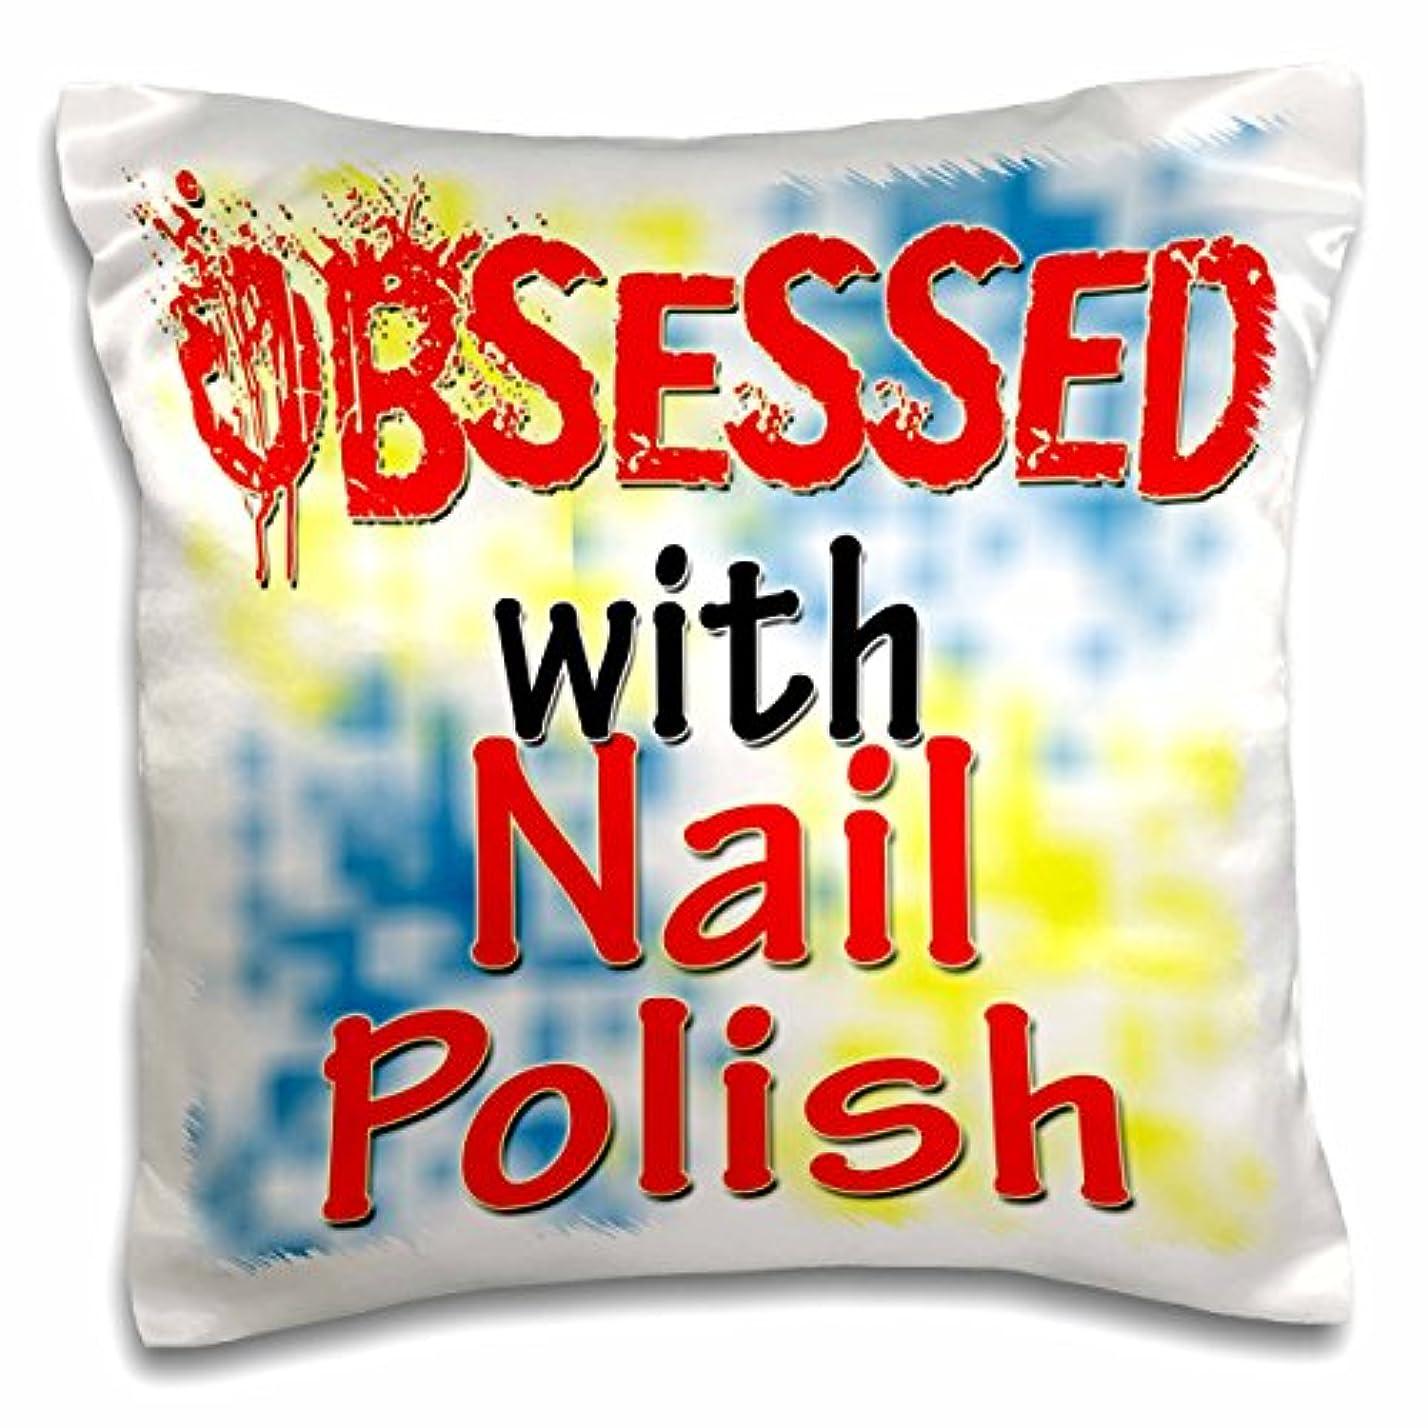 ブラザー奨学金ばかげた3droseブロンドDesigns Obsessed with – Obsessed with Nail Polish – 枕ケース 16